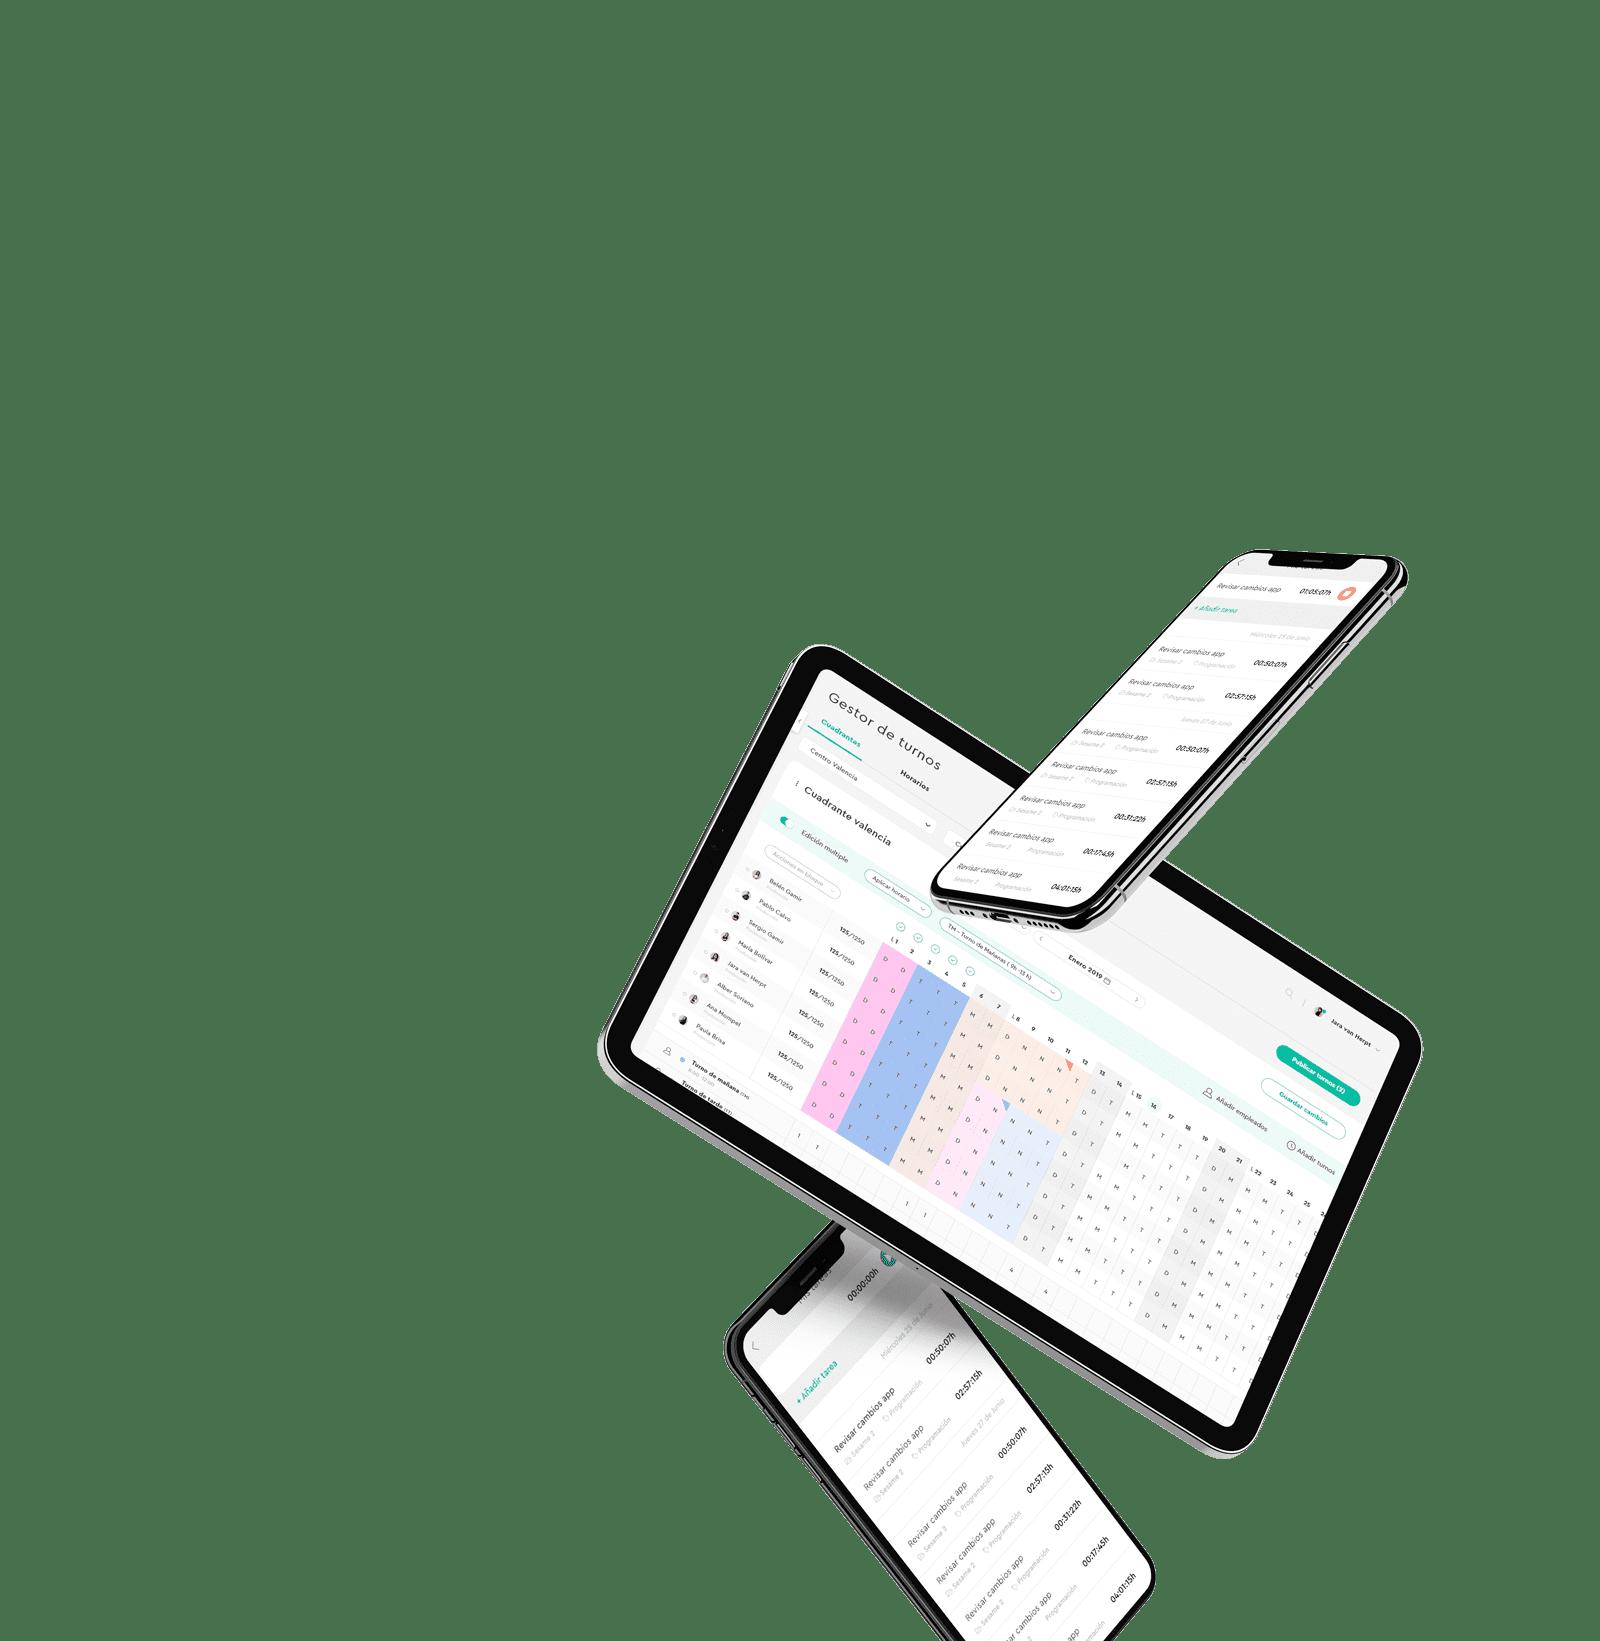 Control de turnos y cuadrantes